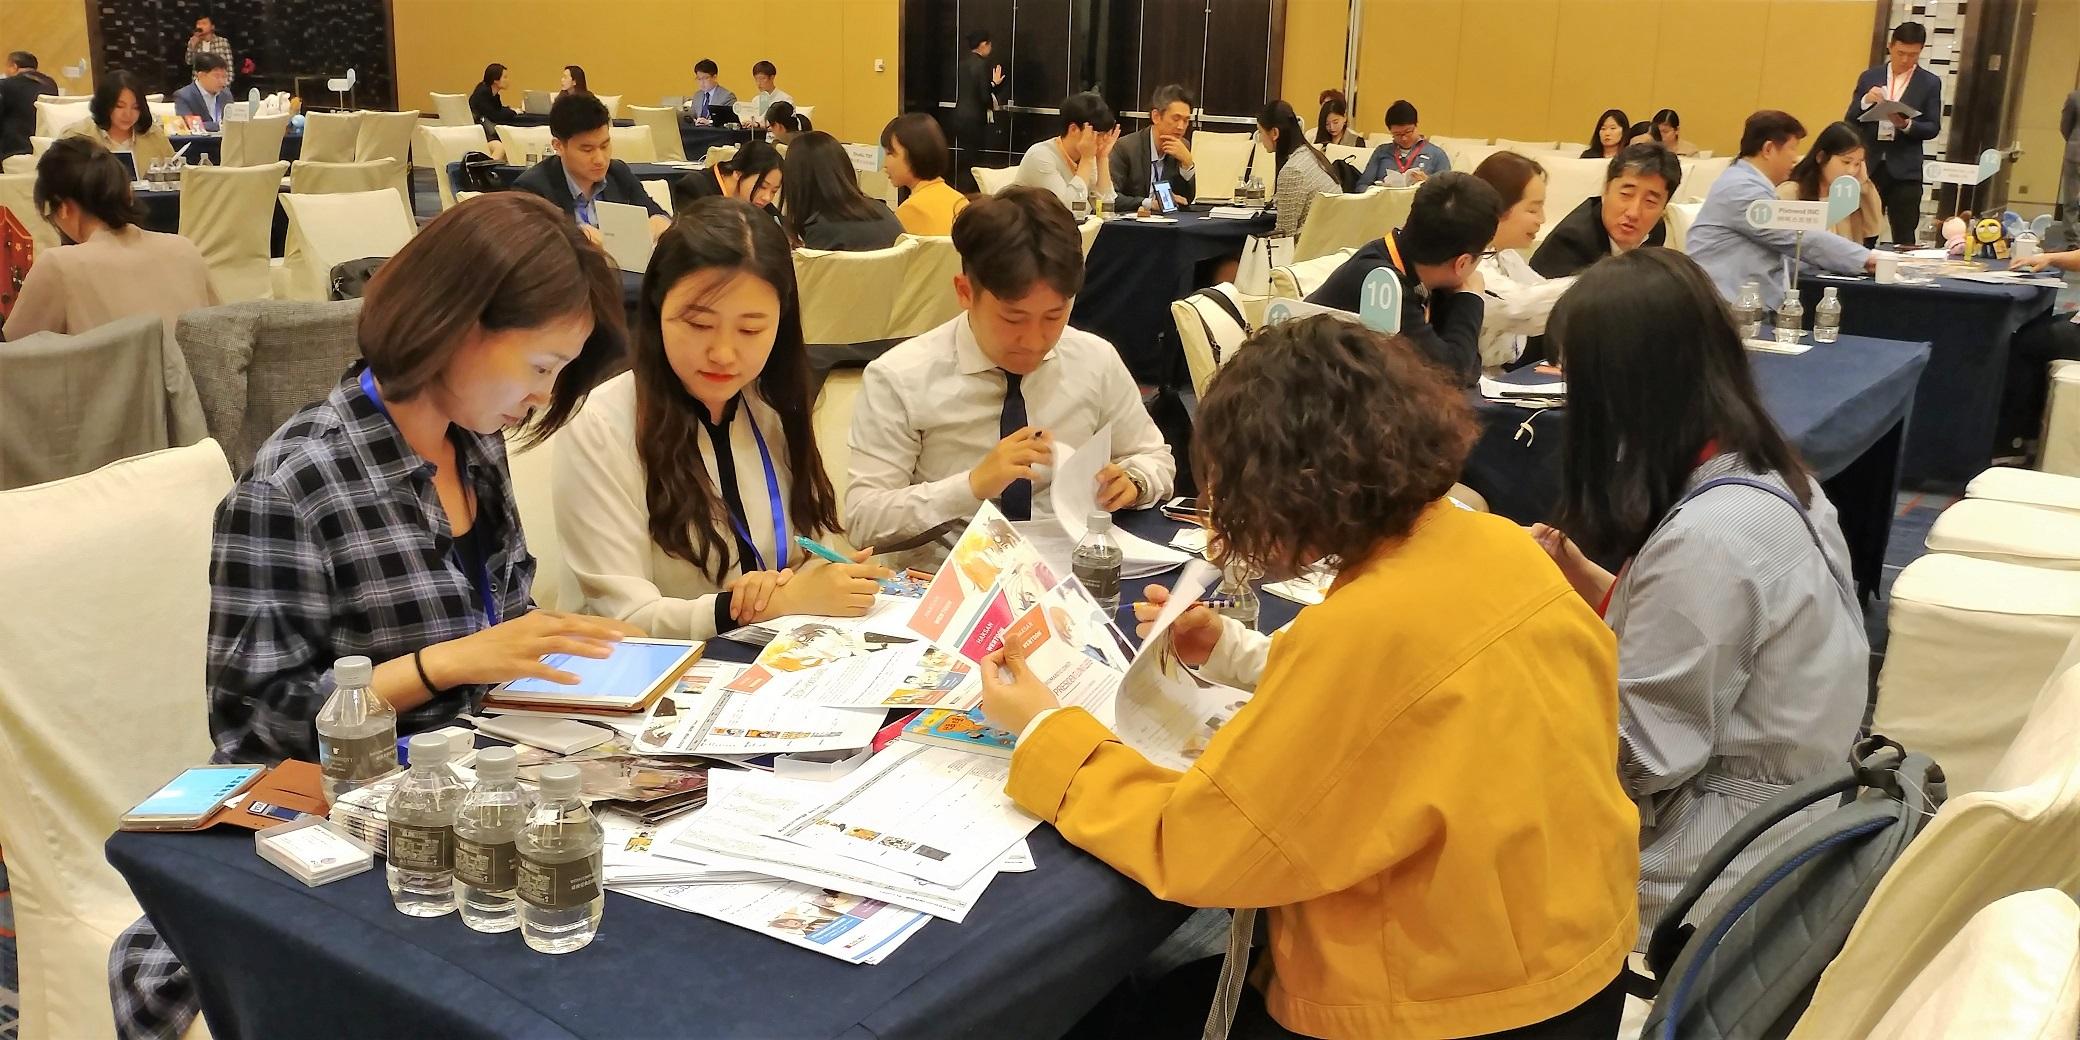 사진3_베이징에서 1대1 비즈니스 상담 중인 한국 웹툰 콘텐츠기업 학산문화사(왼쪽).jpg